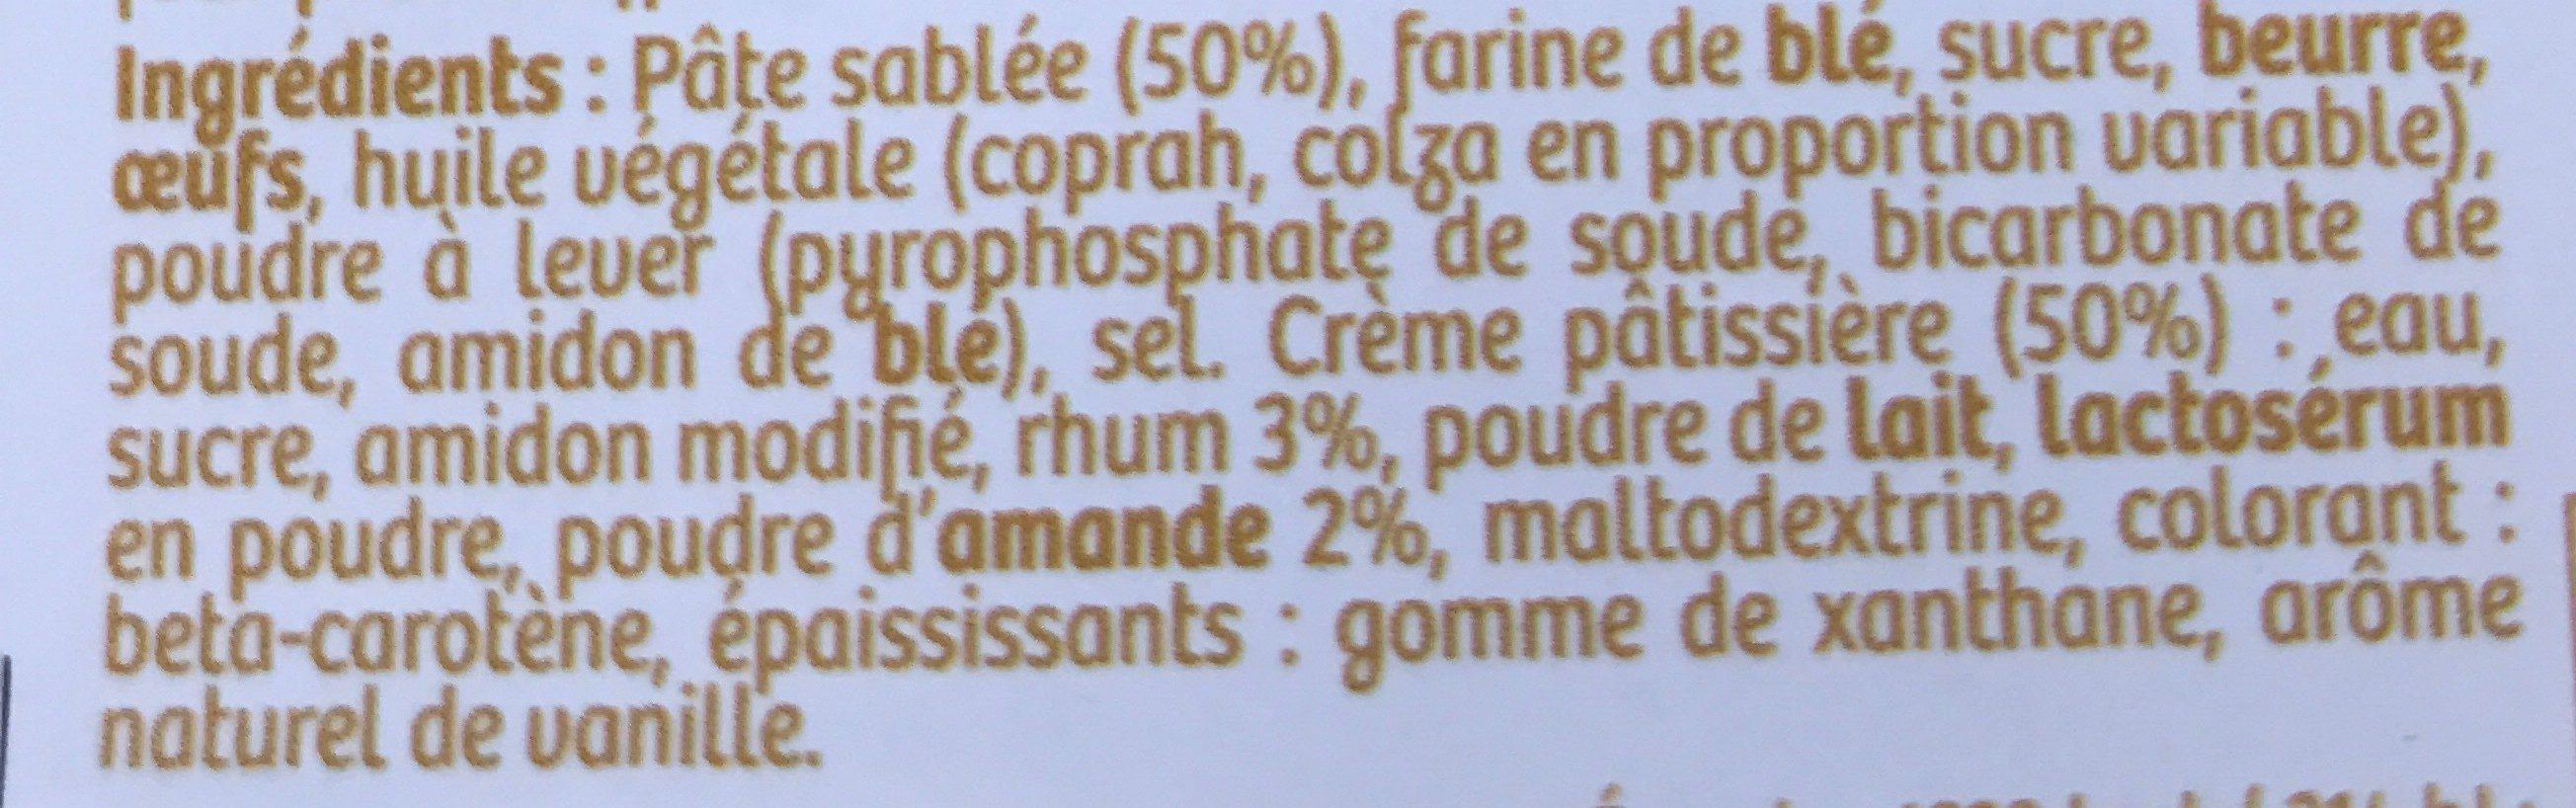 Gâteau Basque a la Crème Pâtissière - Ingrediënten